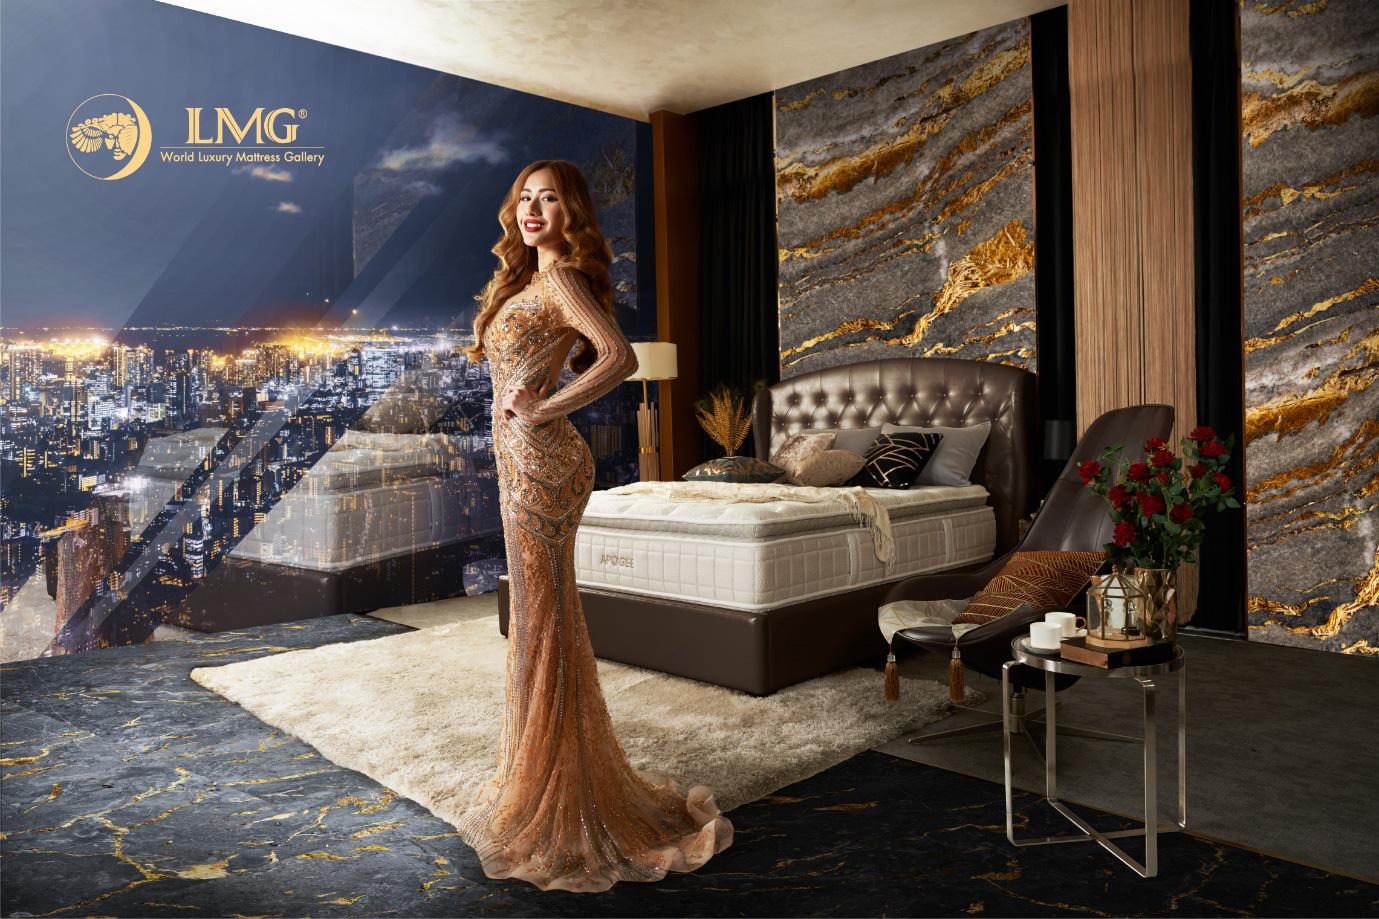 Chiếc nệm có gì đặc biệt ngoài mức giá cao khiến hoa hậu Ngân Ngô phải đưa bố đi mua ngay khi vừa về Việt Nam - Ảnh 3.